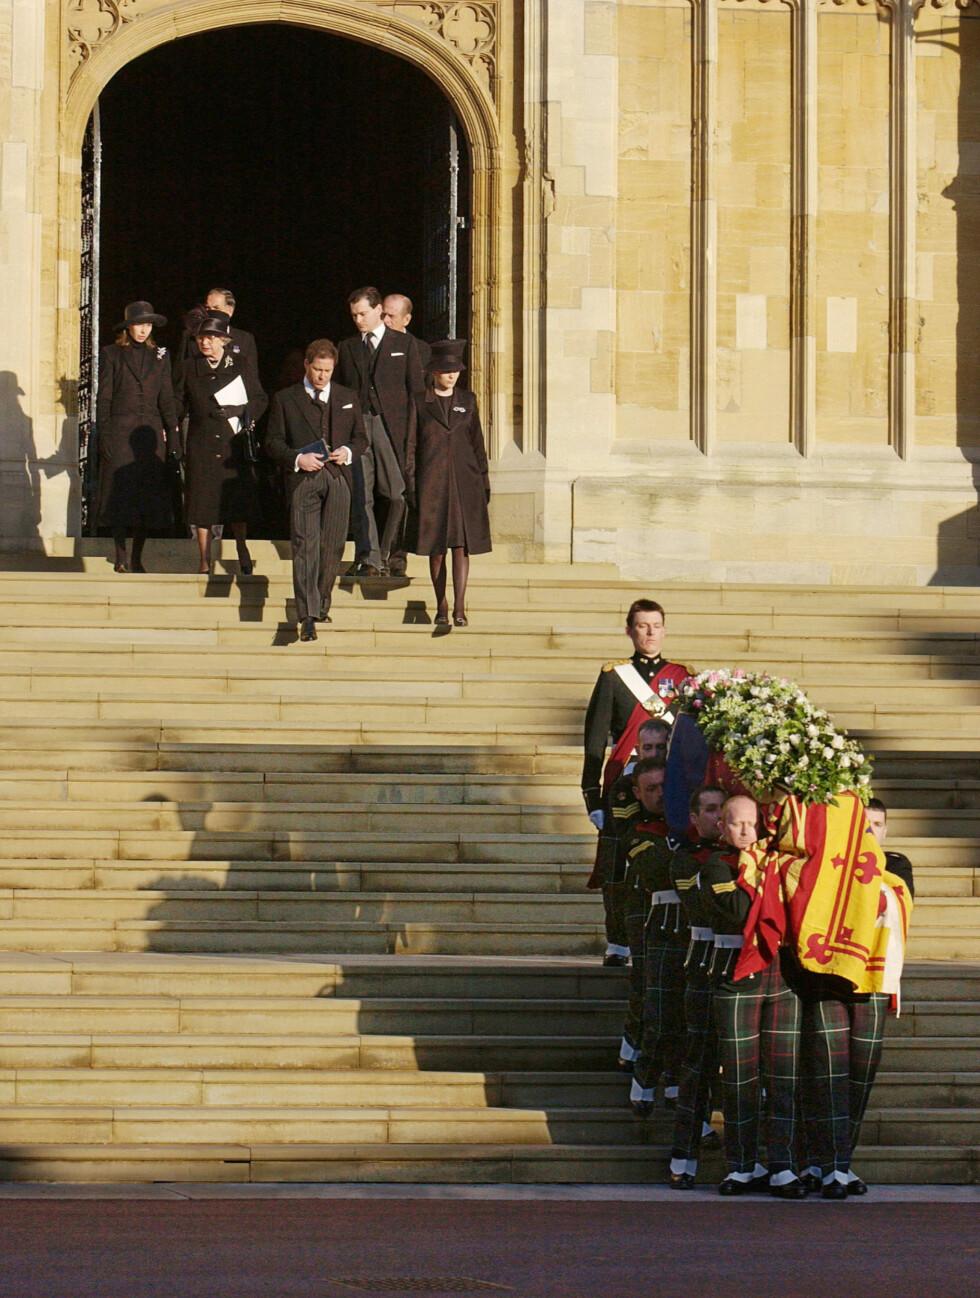 BEGRAVELSE: Den 15. februar 2002 ble prinsesse Margaret gravlagt fra St George's Chapel ved Windsor slott. Hun ble 71 år. Foto: NTB Scanpix